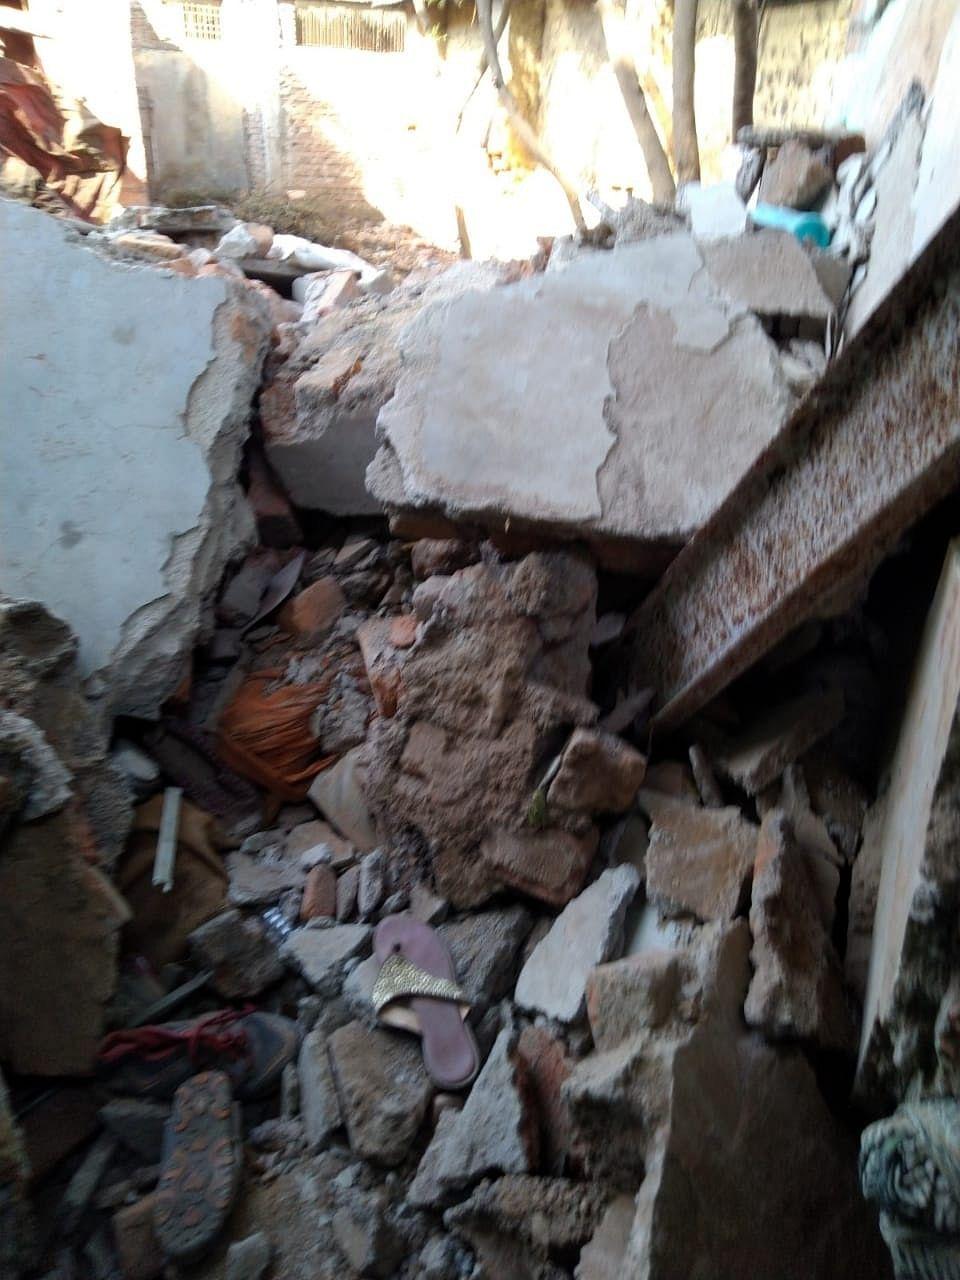 ग्वालियर : लक्ष्मणपुरा में सिलेंडर फटा, दो घायल